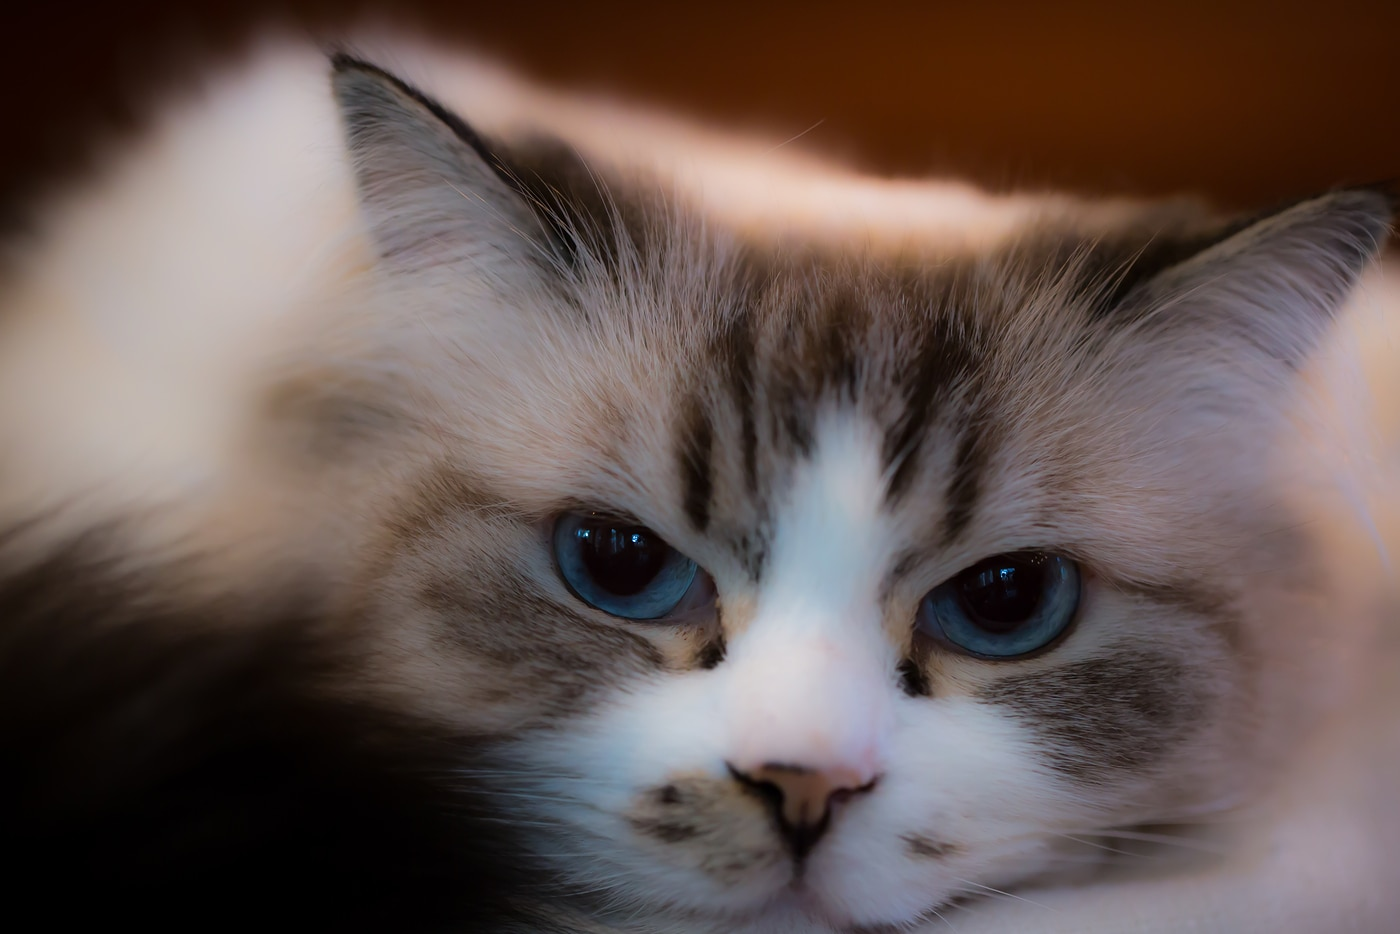 Beautiful ragdoll cat with big blue eyes.